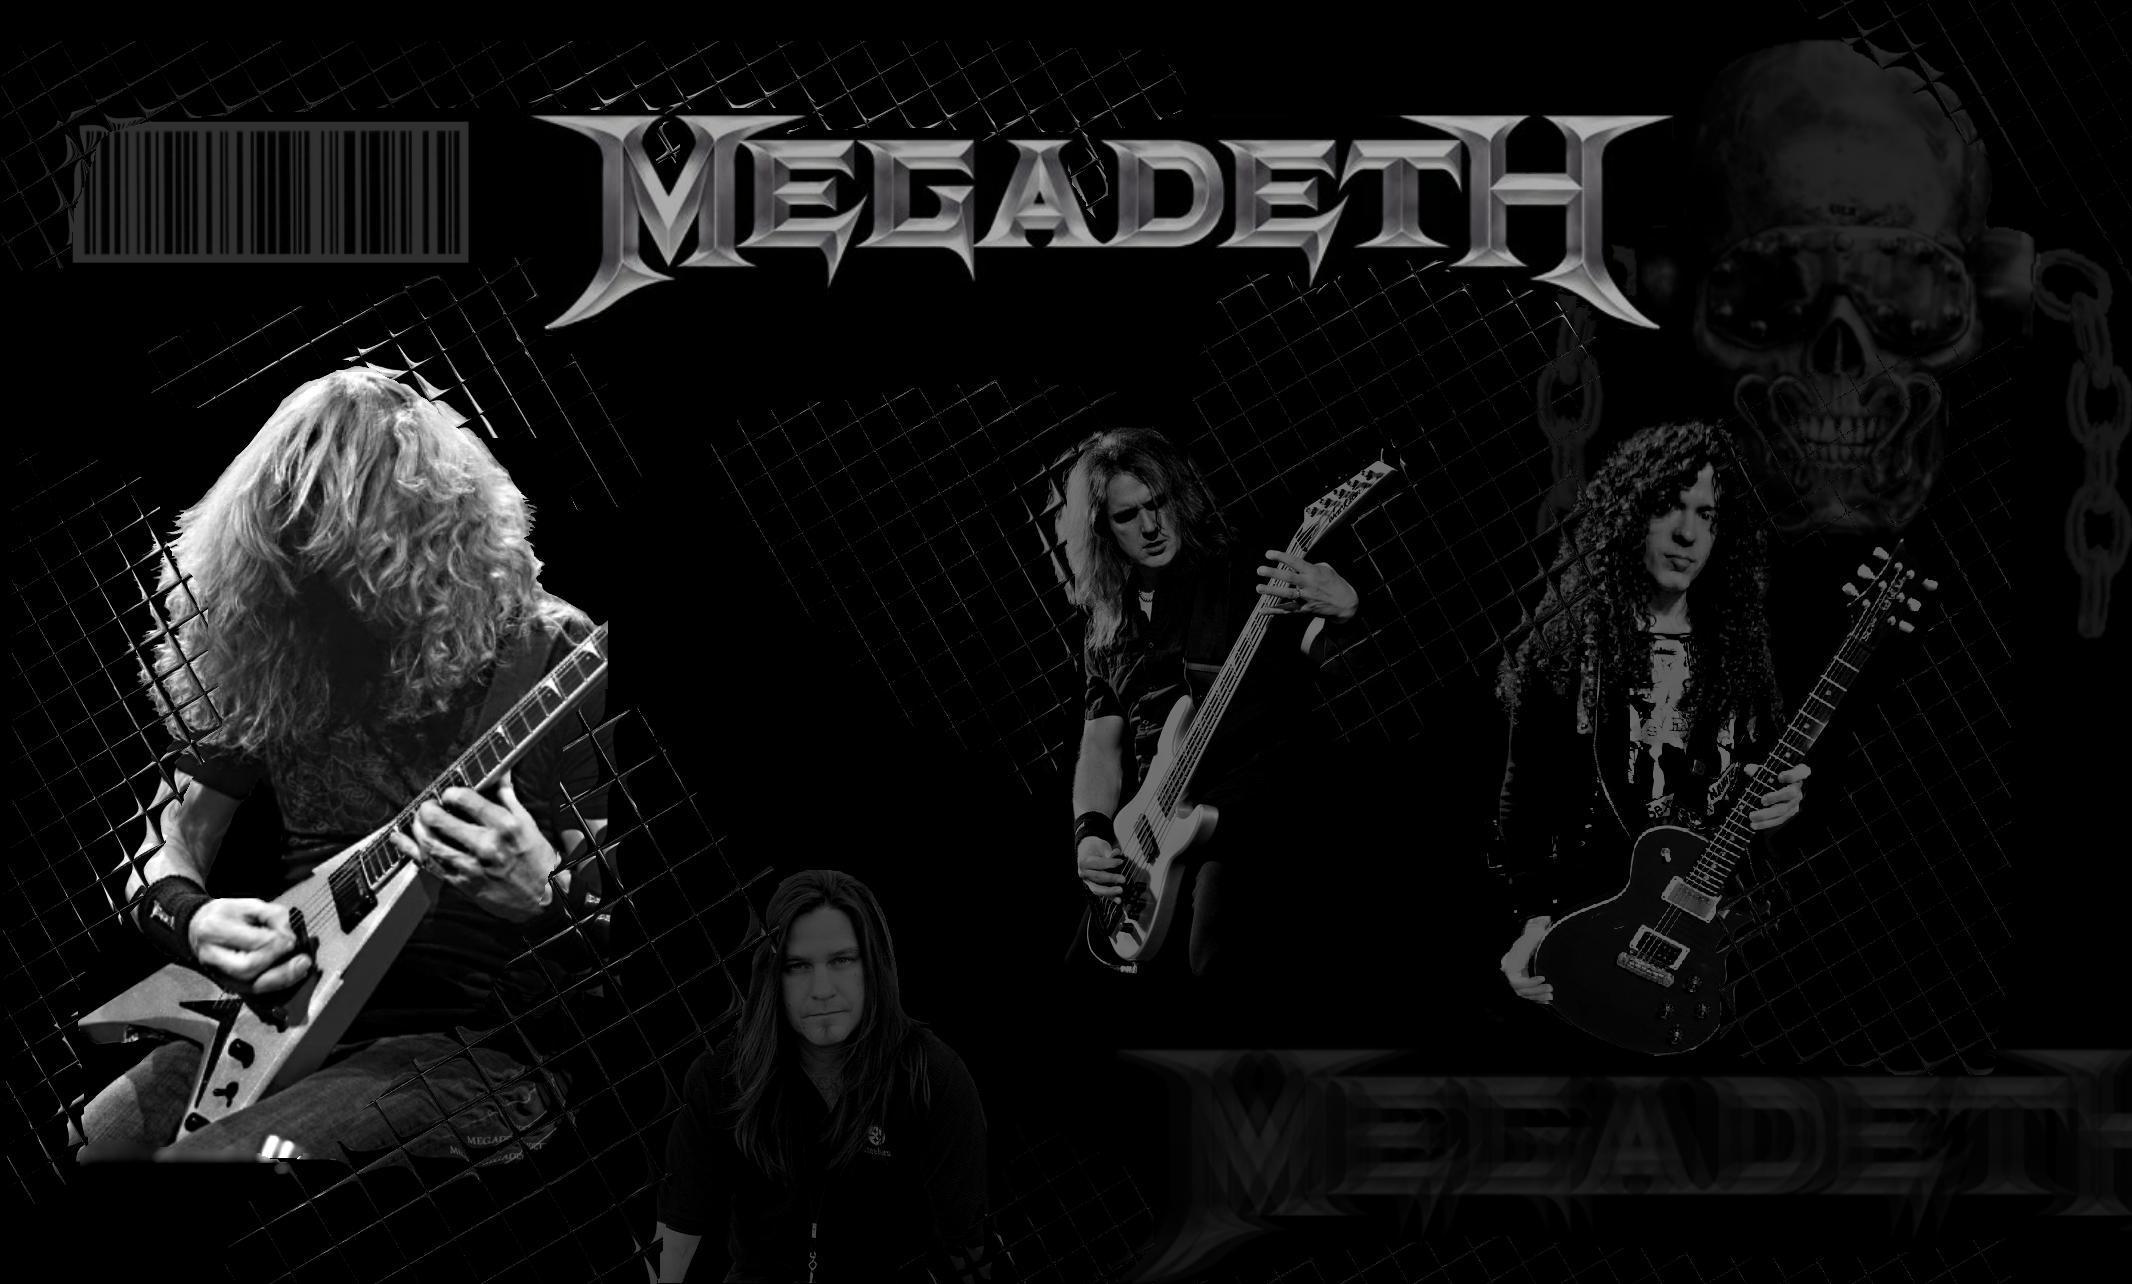 Megadeth Wallpapers Hd Wallpaper Cave